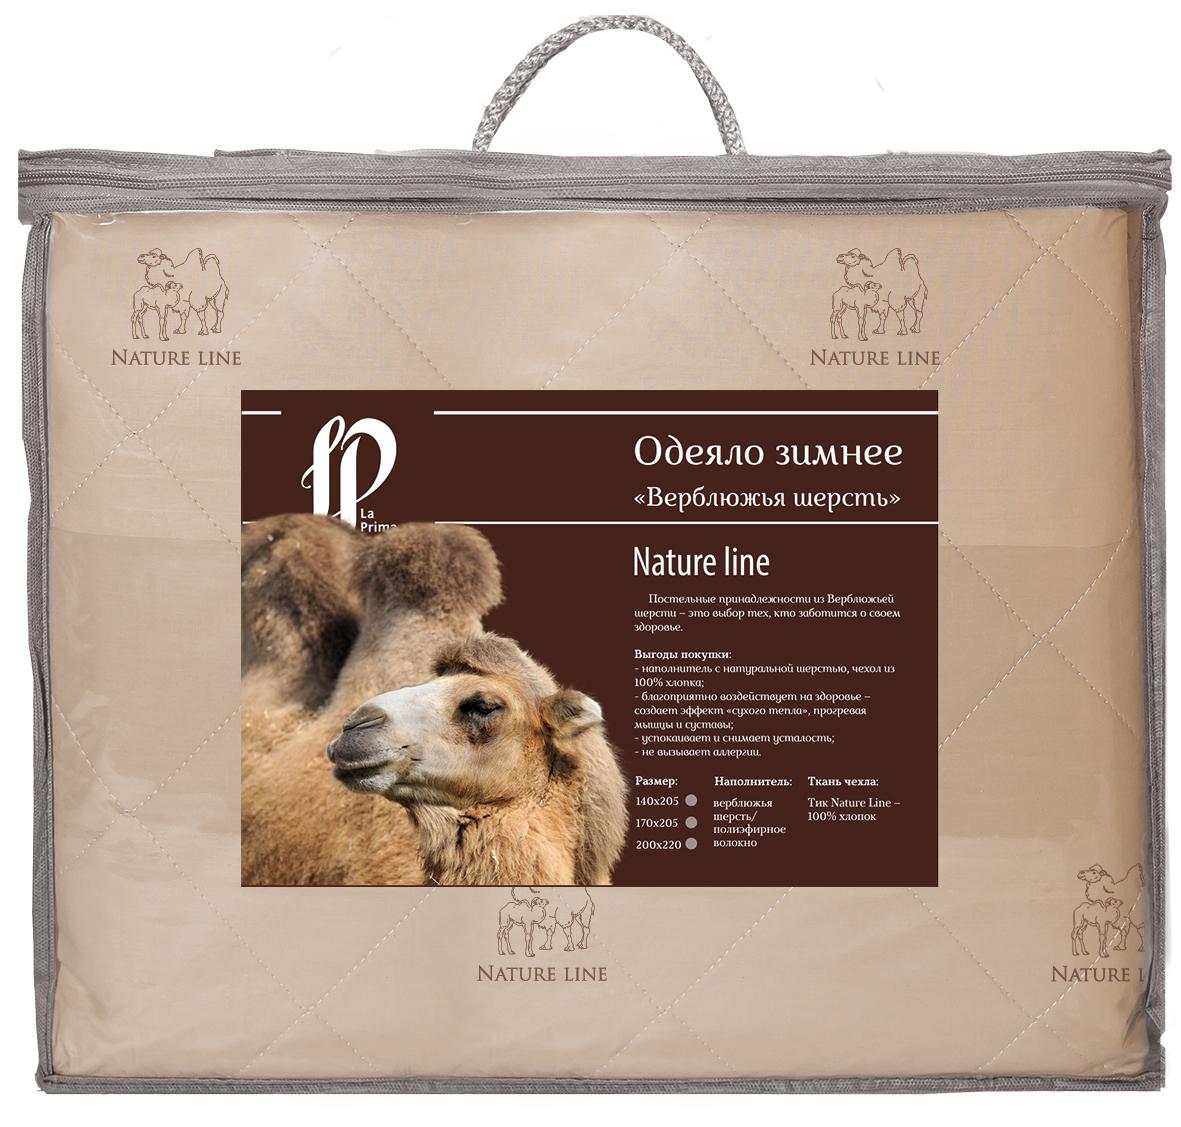 Одеяло из верблюжей шерсти зимнее, 1,5х, 140*2050000000456640% верблюжья шерсть/ 60 полиэфирное волокно